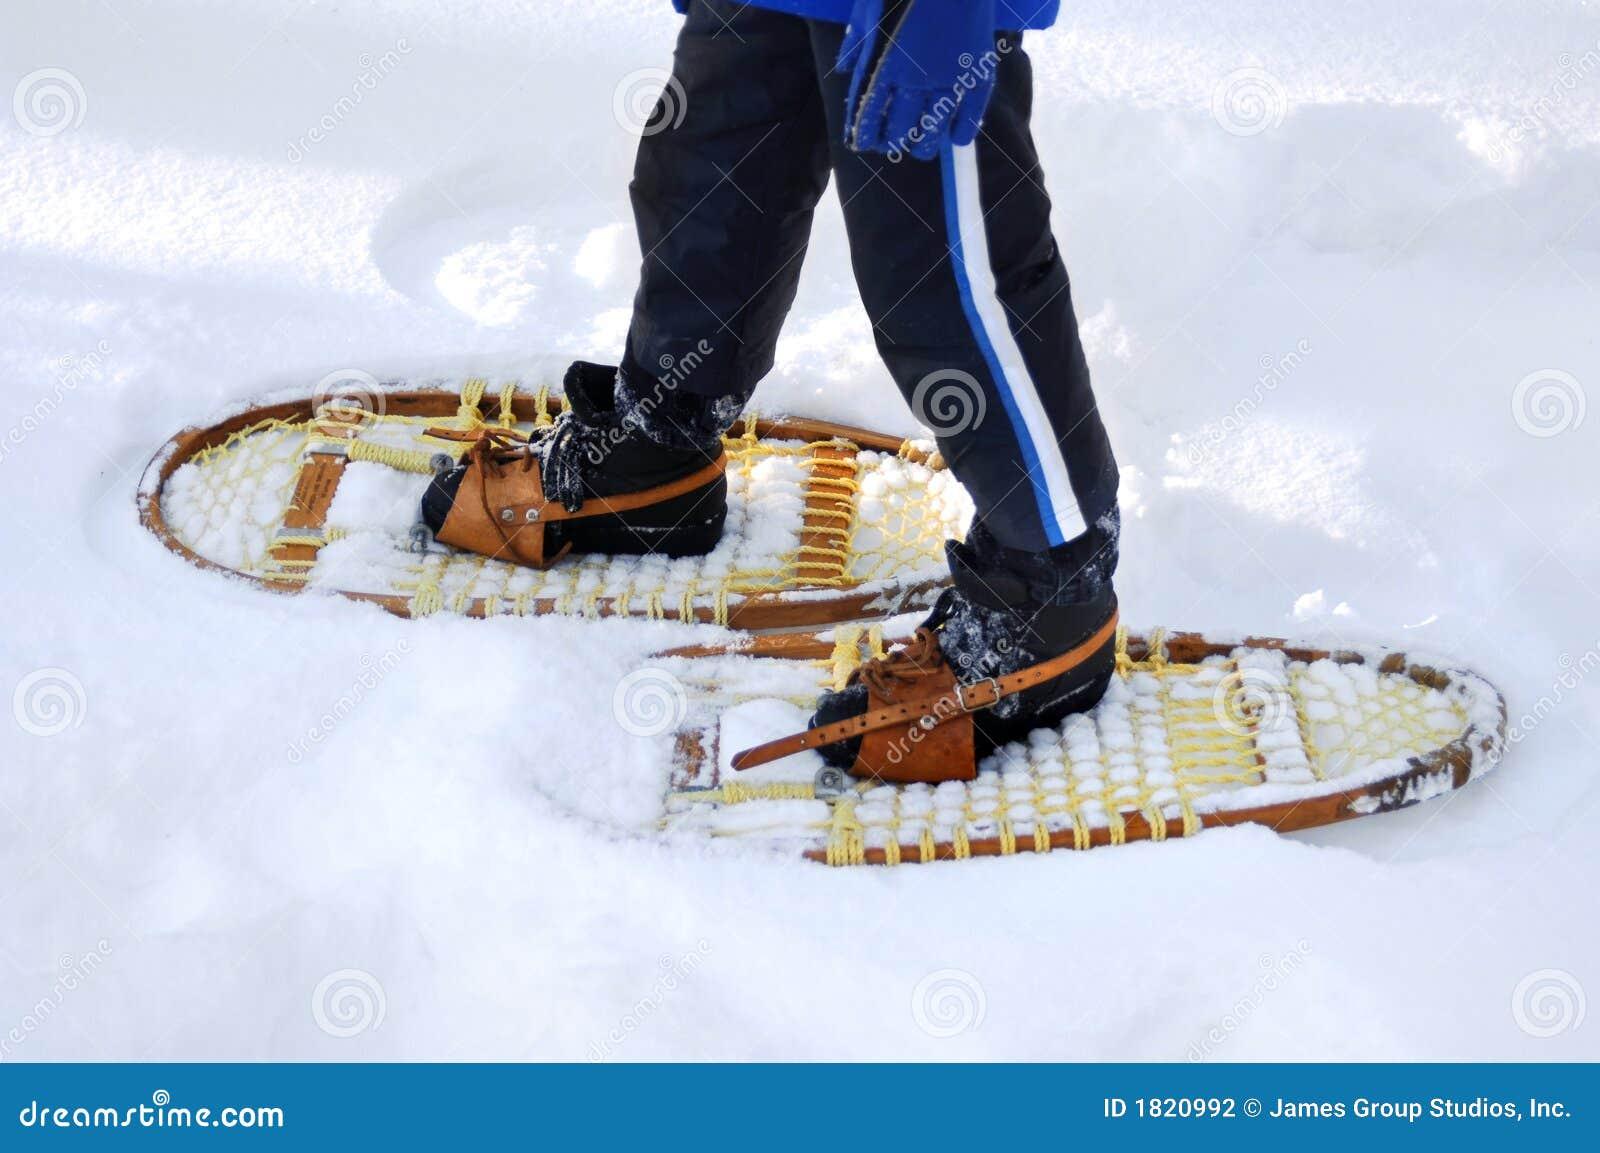 Лыжи для ходьбы по воде своими руками